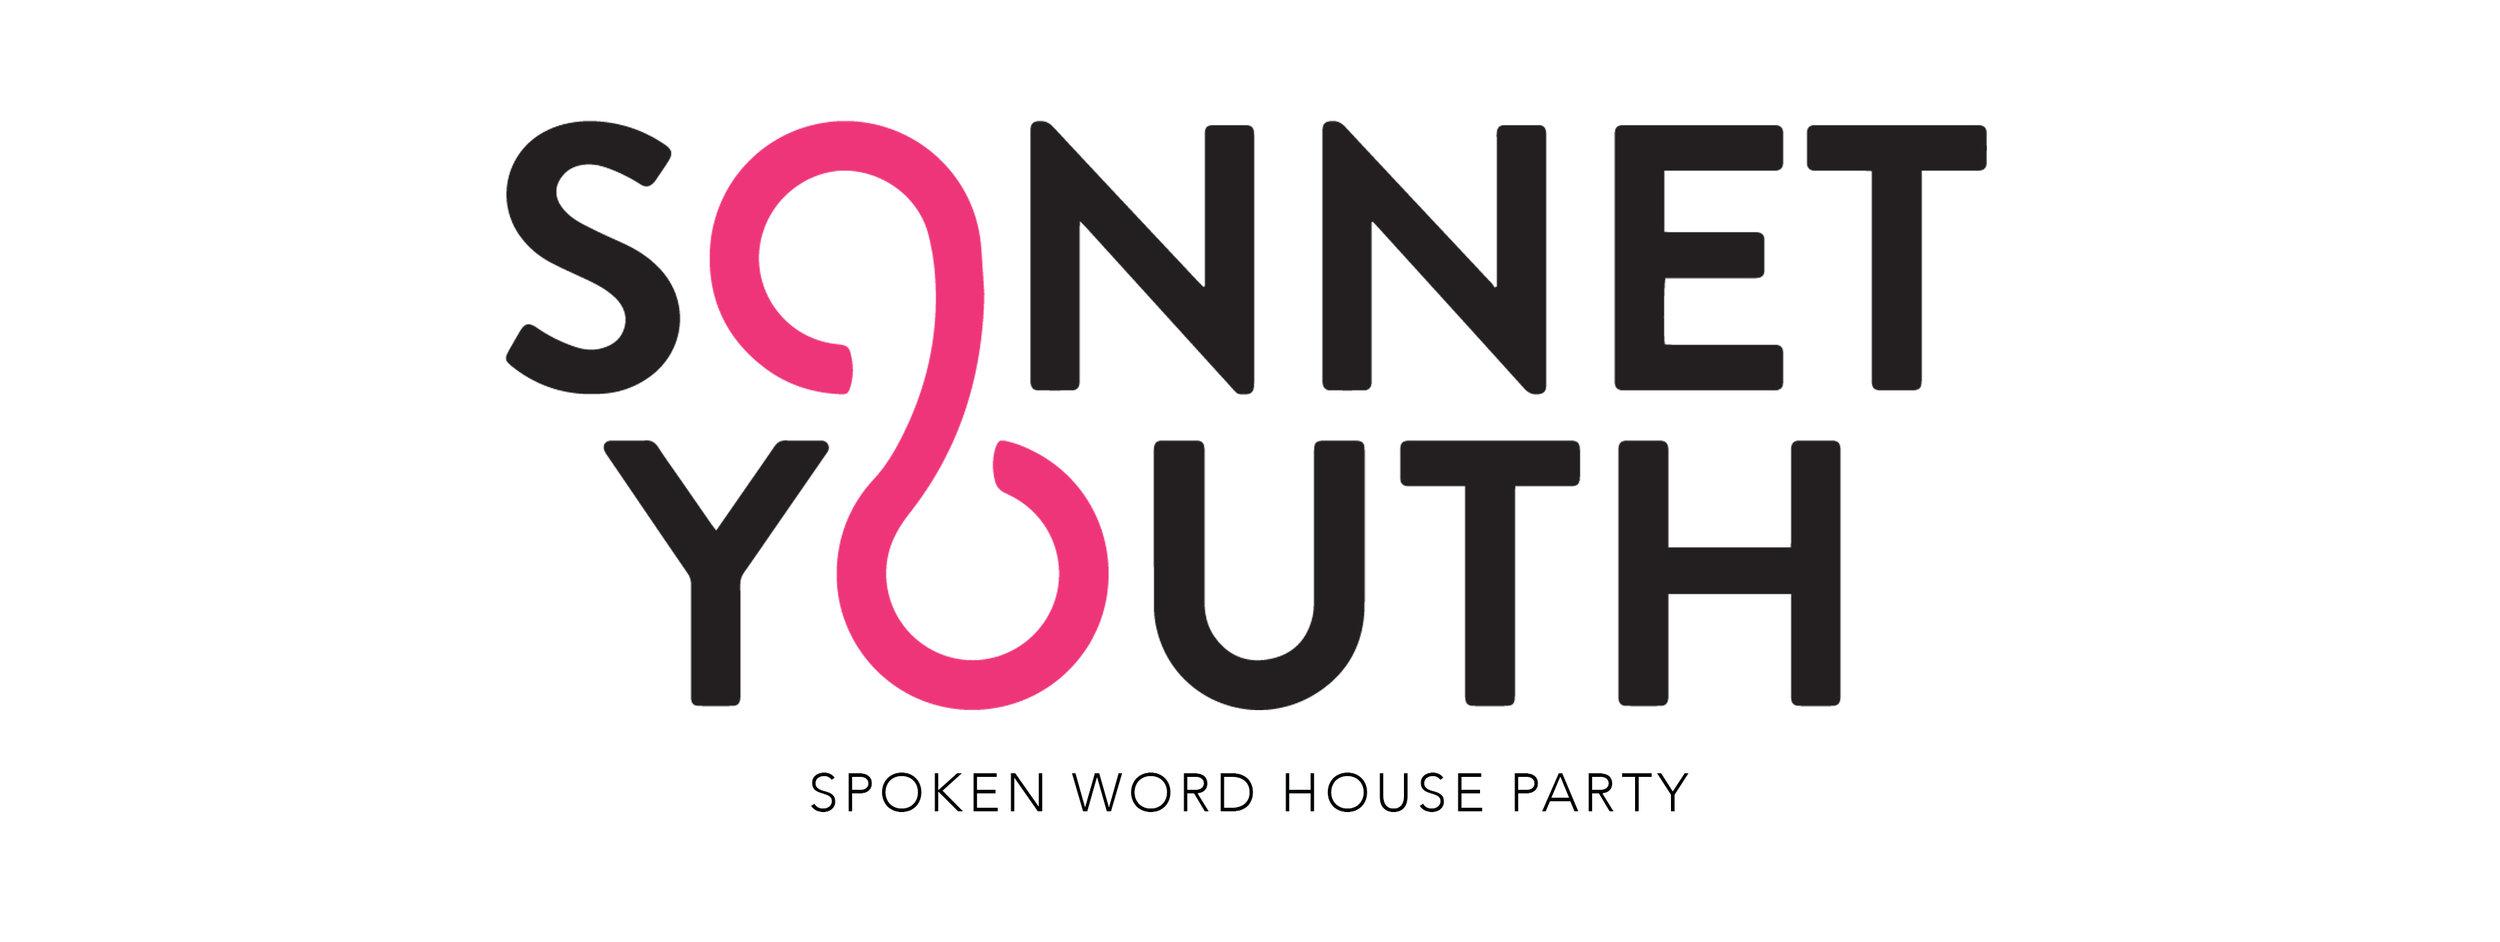 sonnet_banner_Black_pink_with_tagline_.jpg